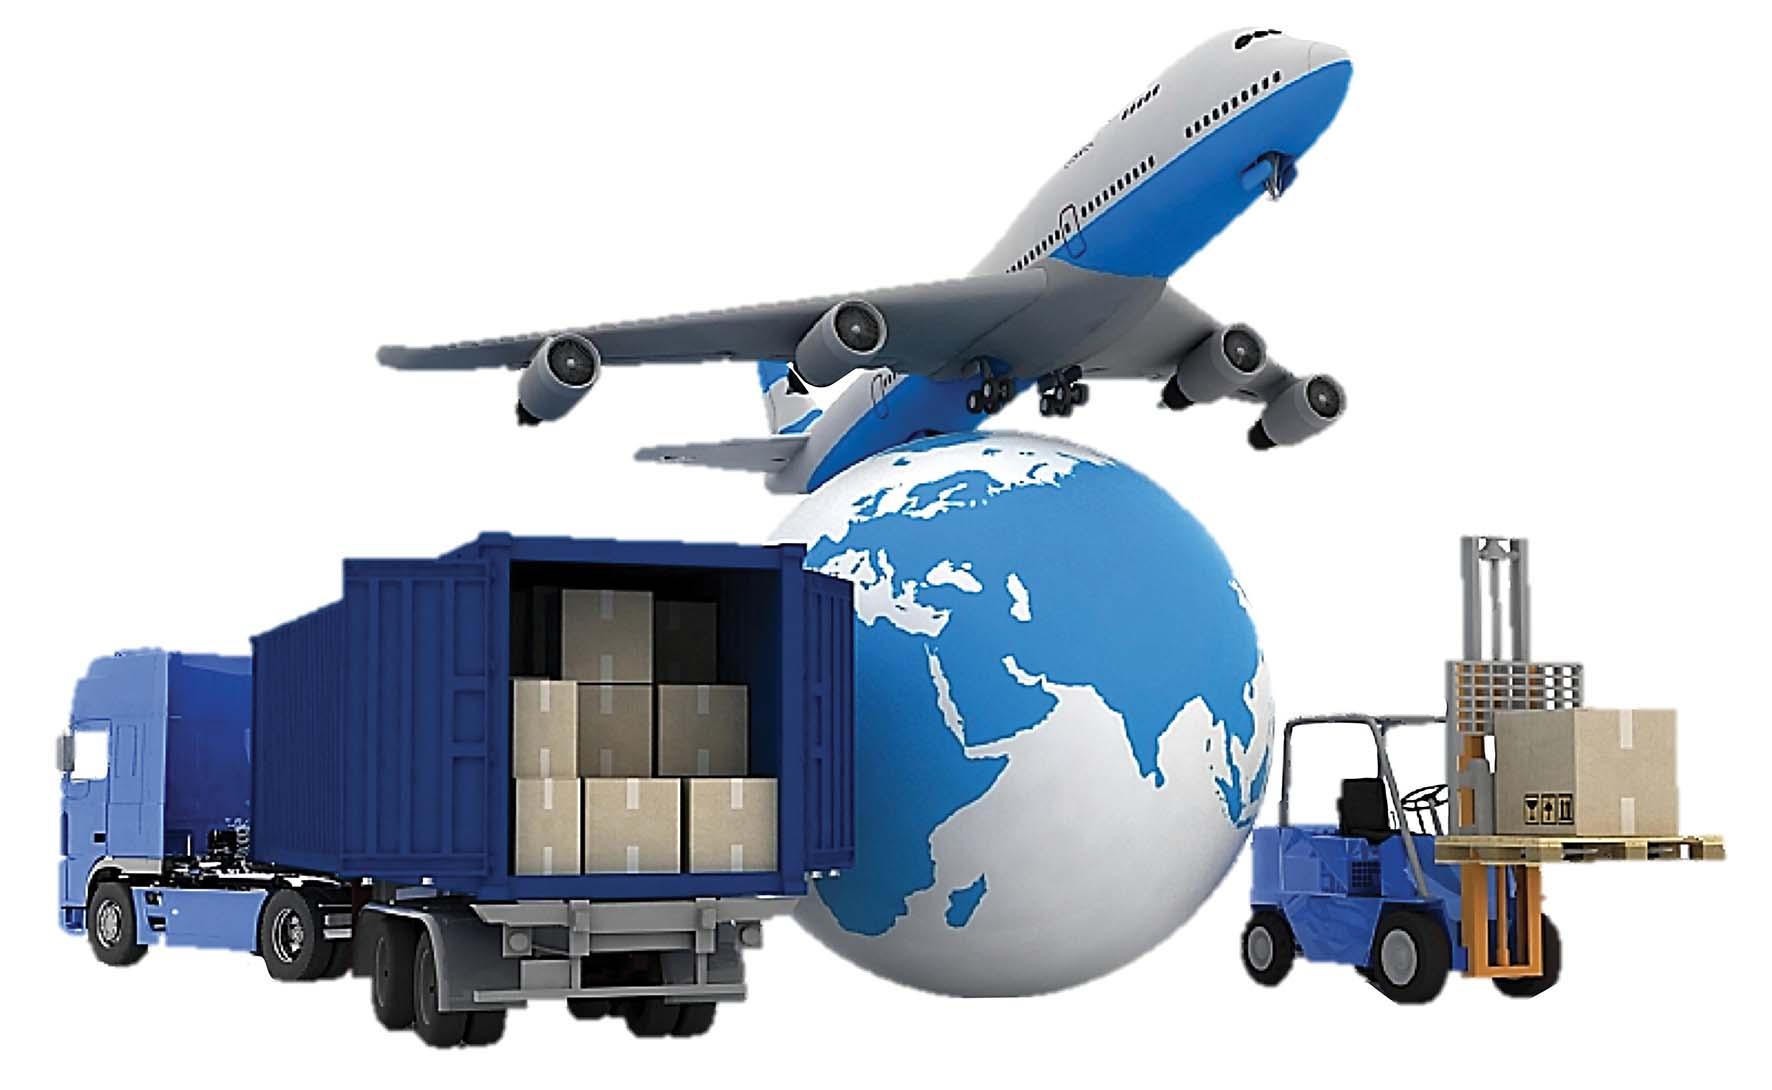 distretti industriali del triveneto export aereo camion muletto